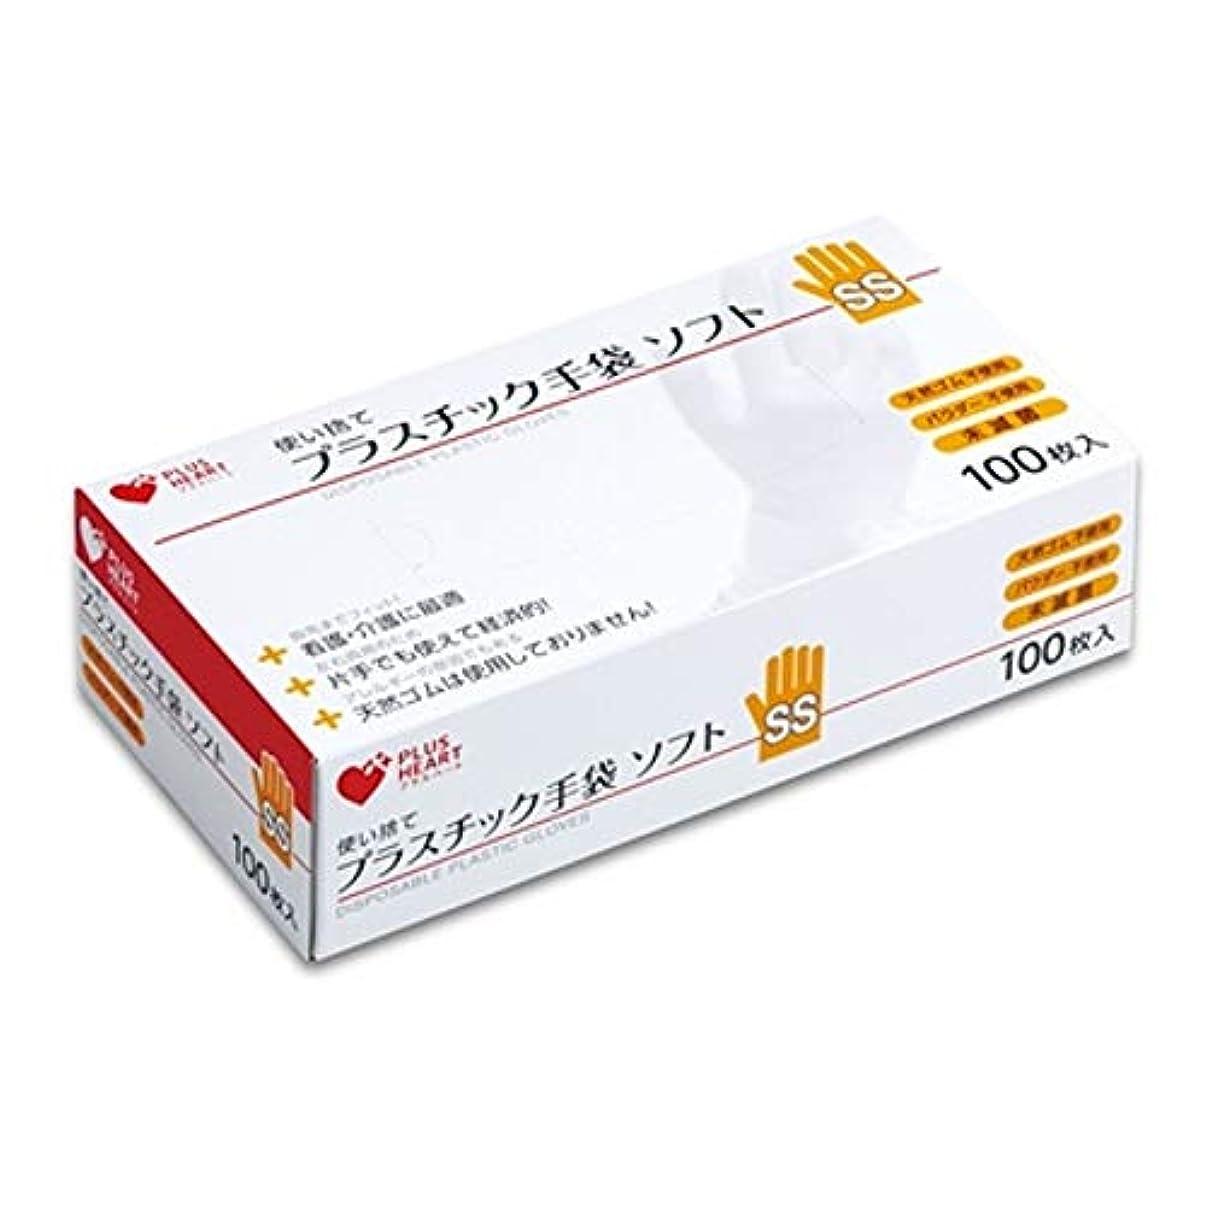 実質的枯渇クライストチャーチオオサキメディカル 使い捨てプラスチック手袋ソフト SSサイズ 100枚入